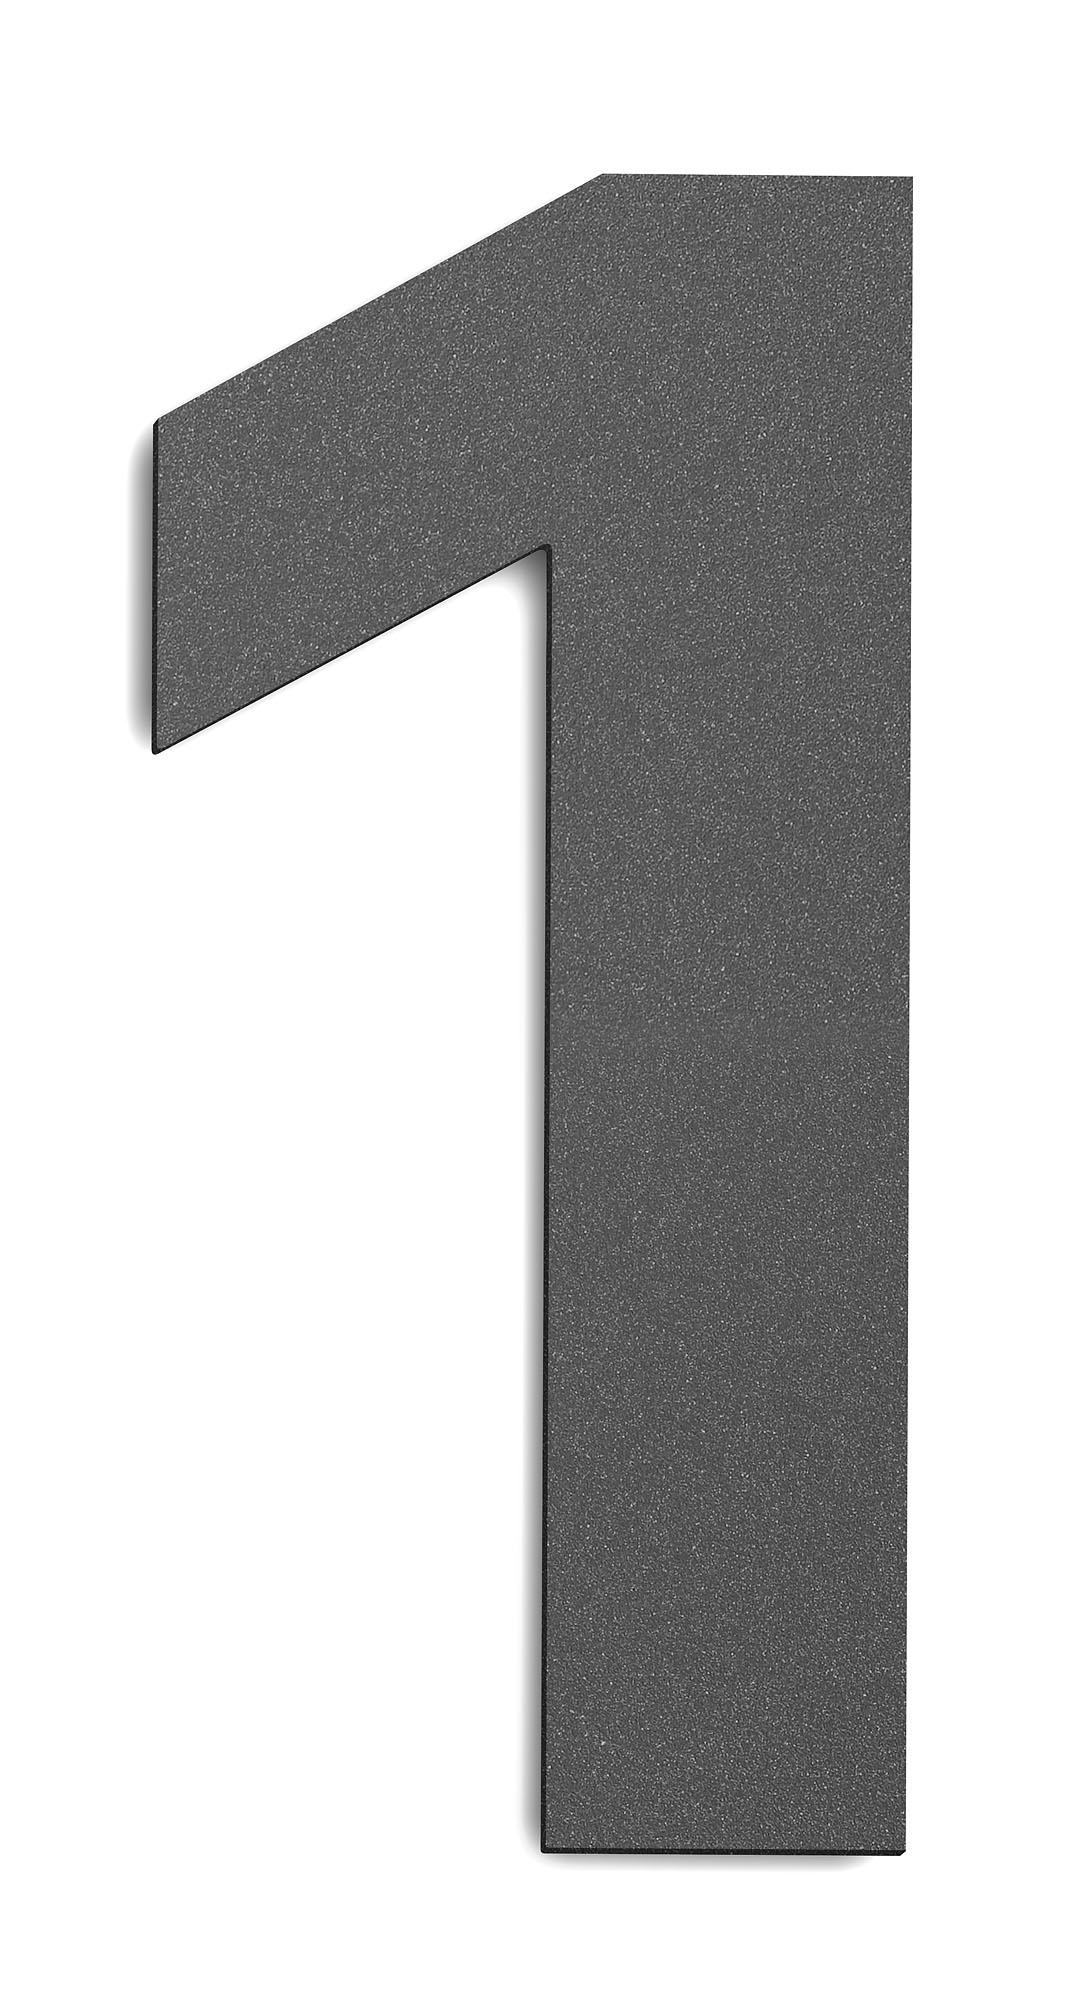 CMD Hausnummer groß 1 anthrazit